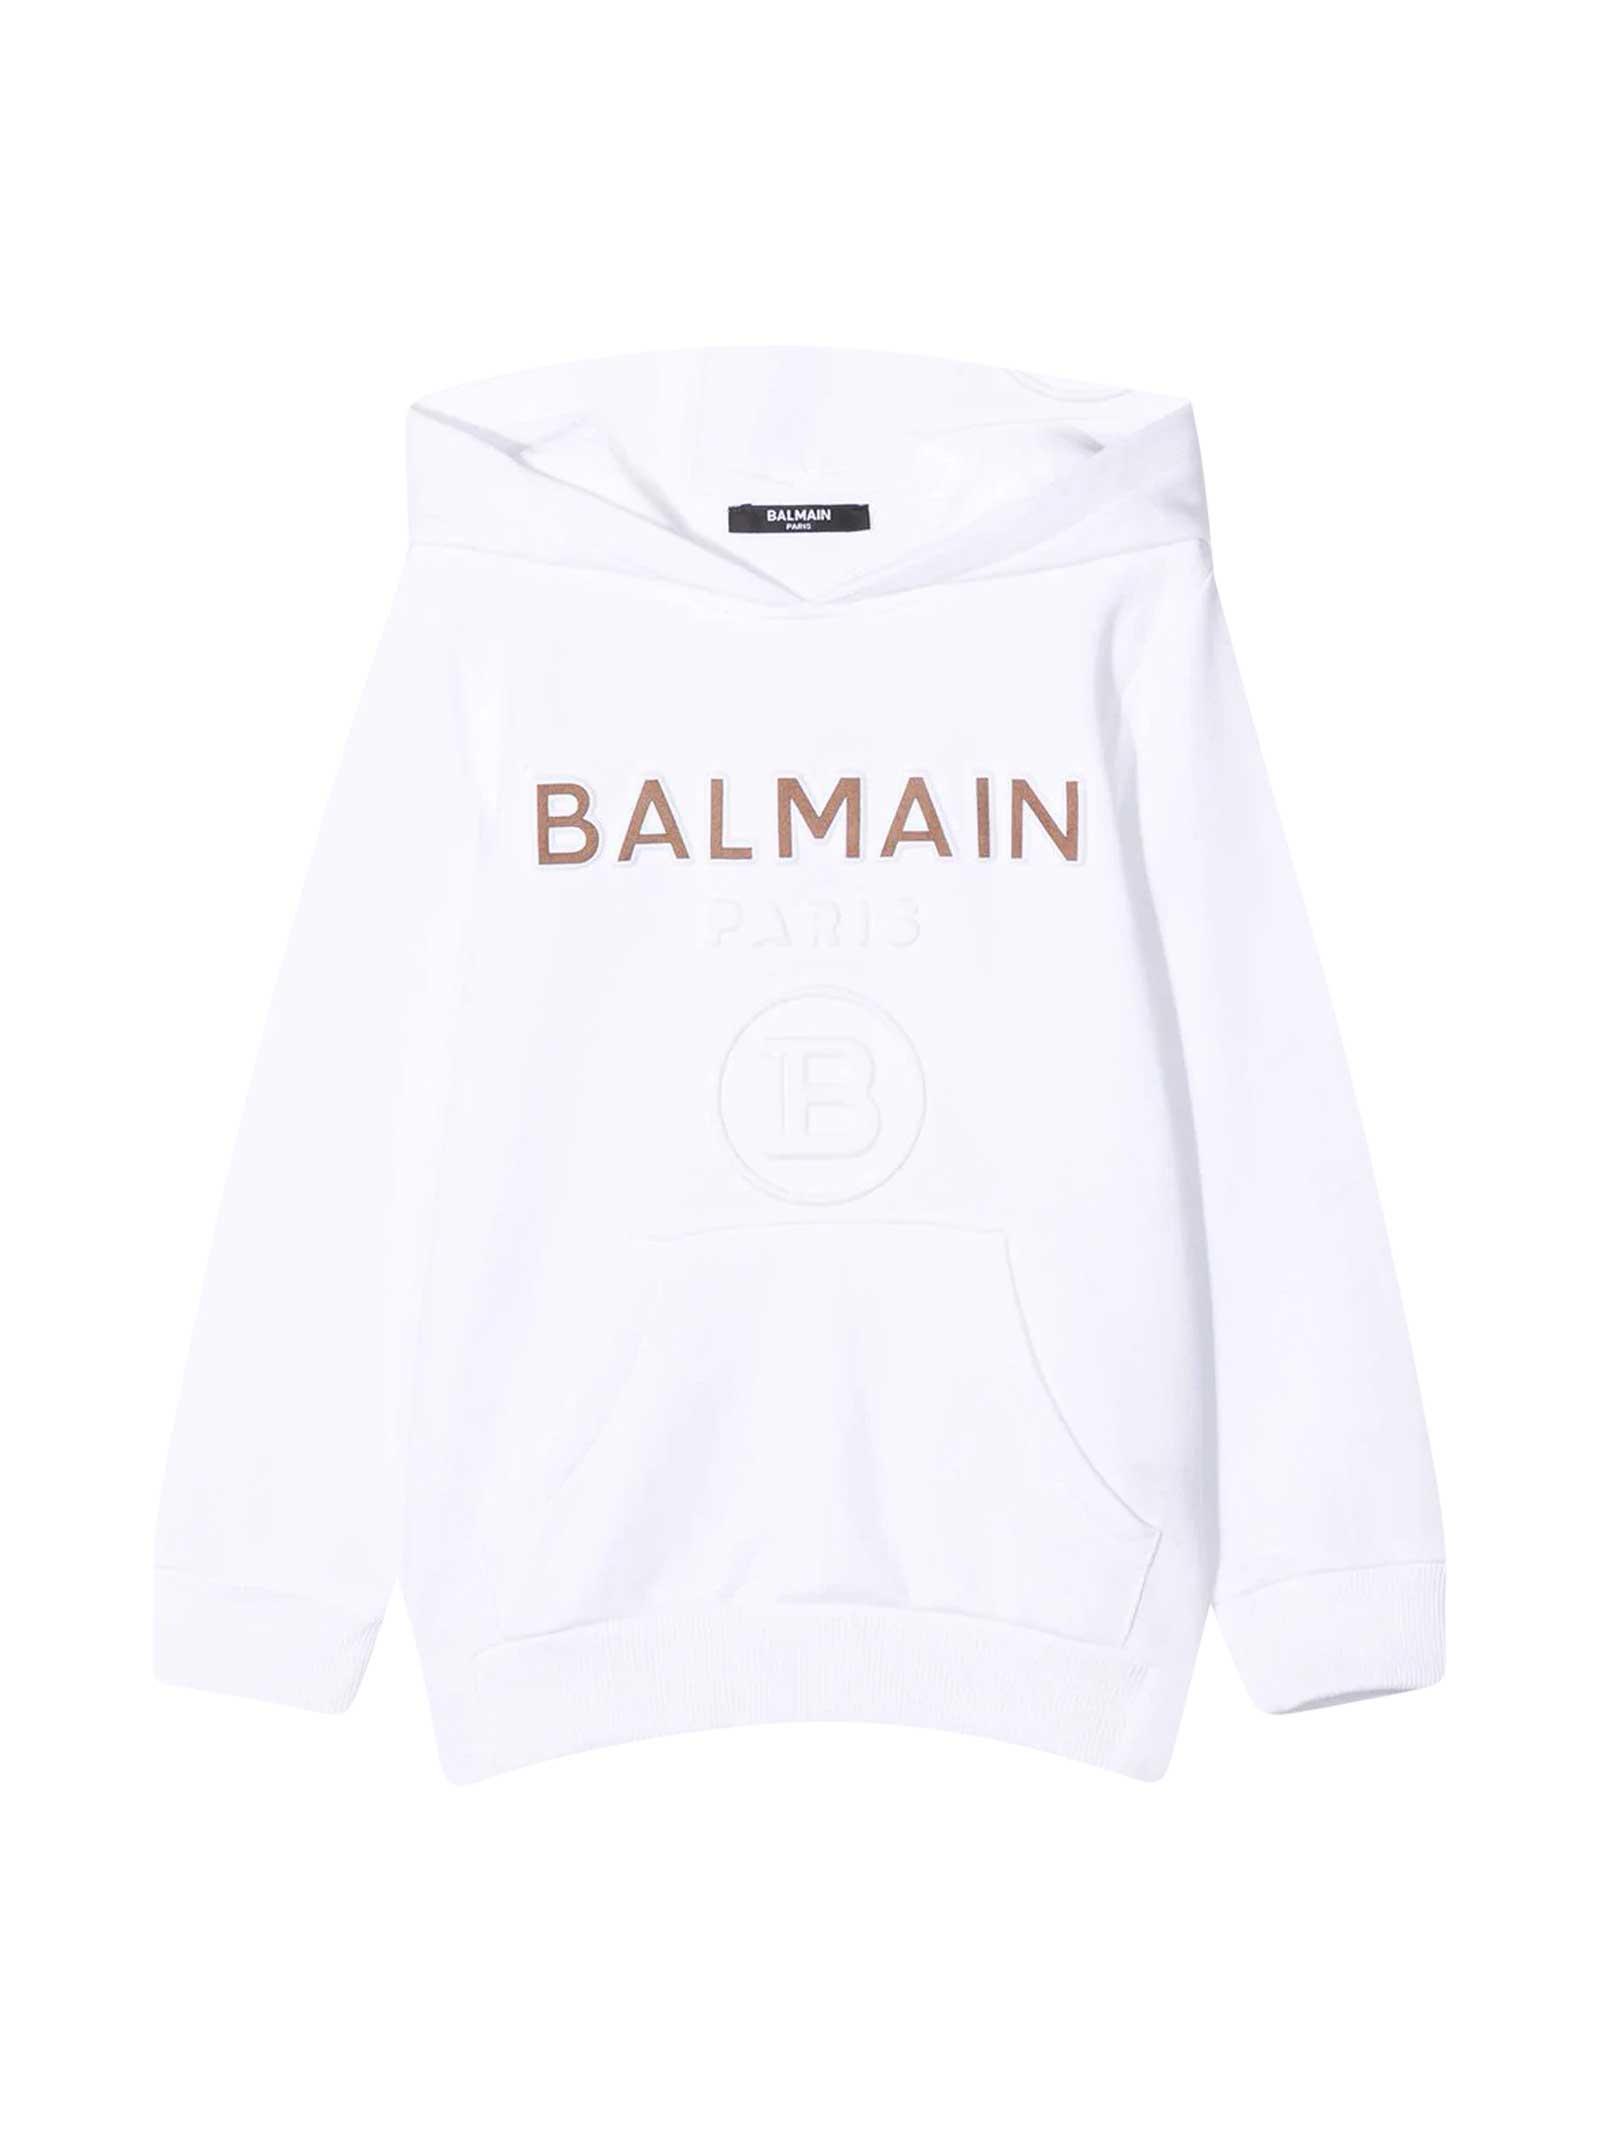 Balmain White Sweatshirt